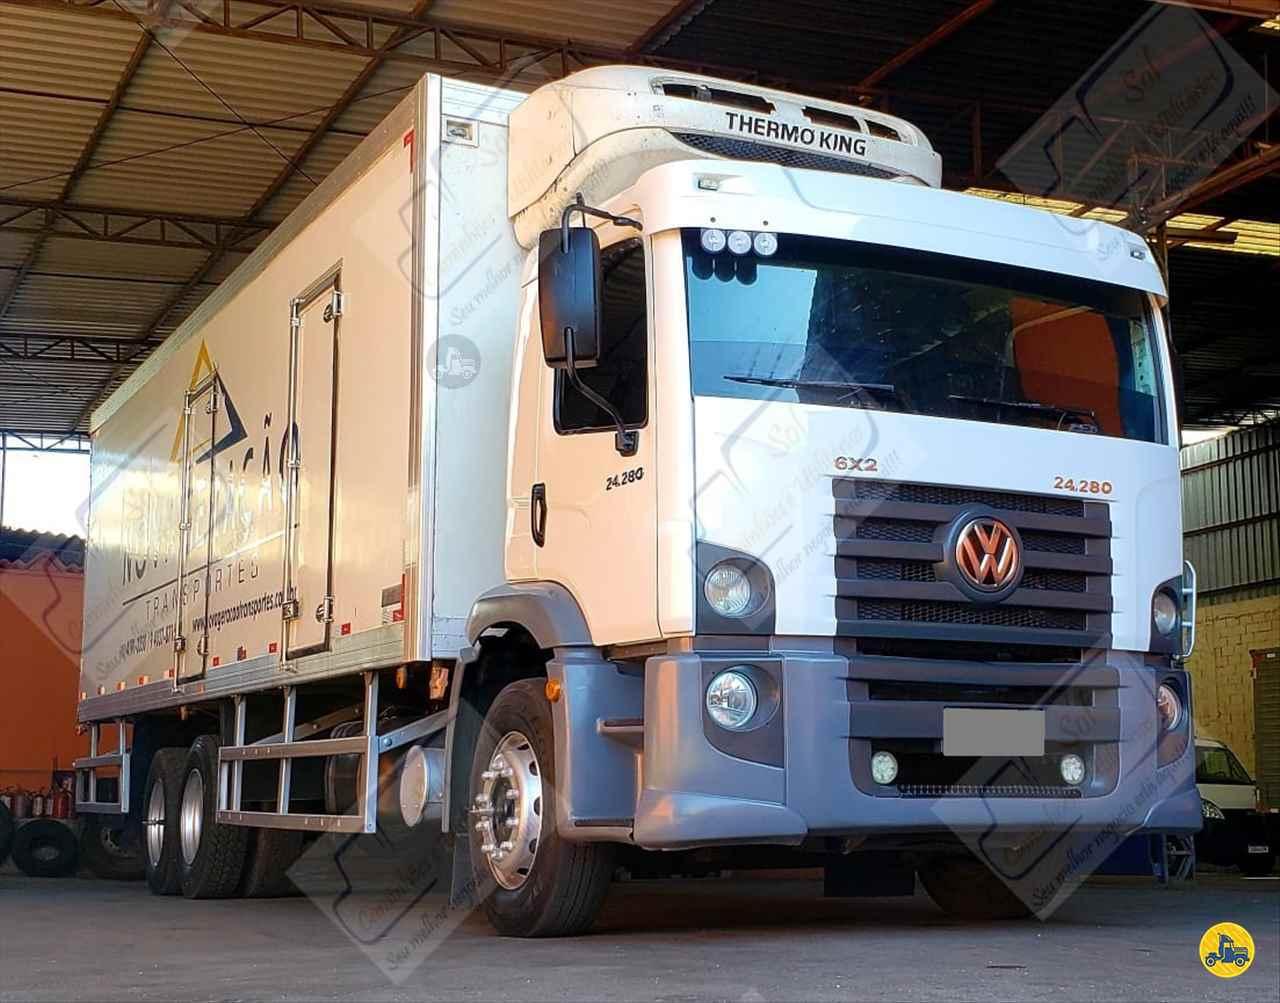 CAMINHAO VOLKSWAGEN VW 24280 Baú Frigorífico Truck 6x2 Sol Caminhões e Utilitários SAO PAULO SÃO PAULO SP